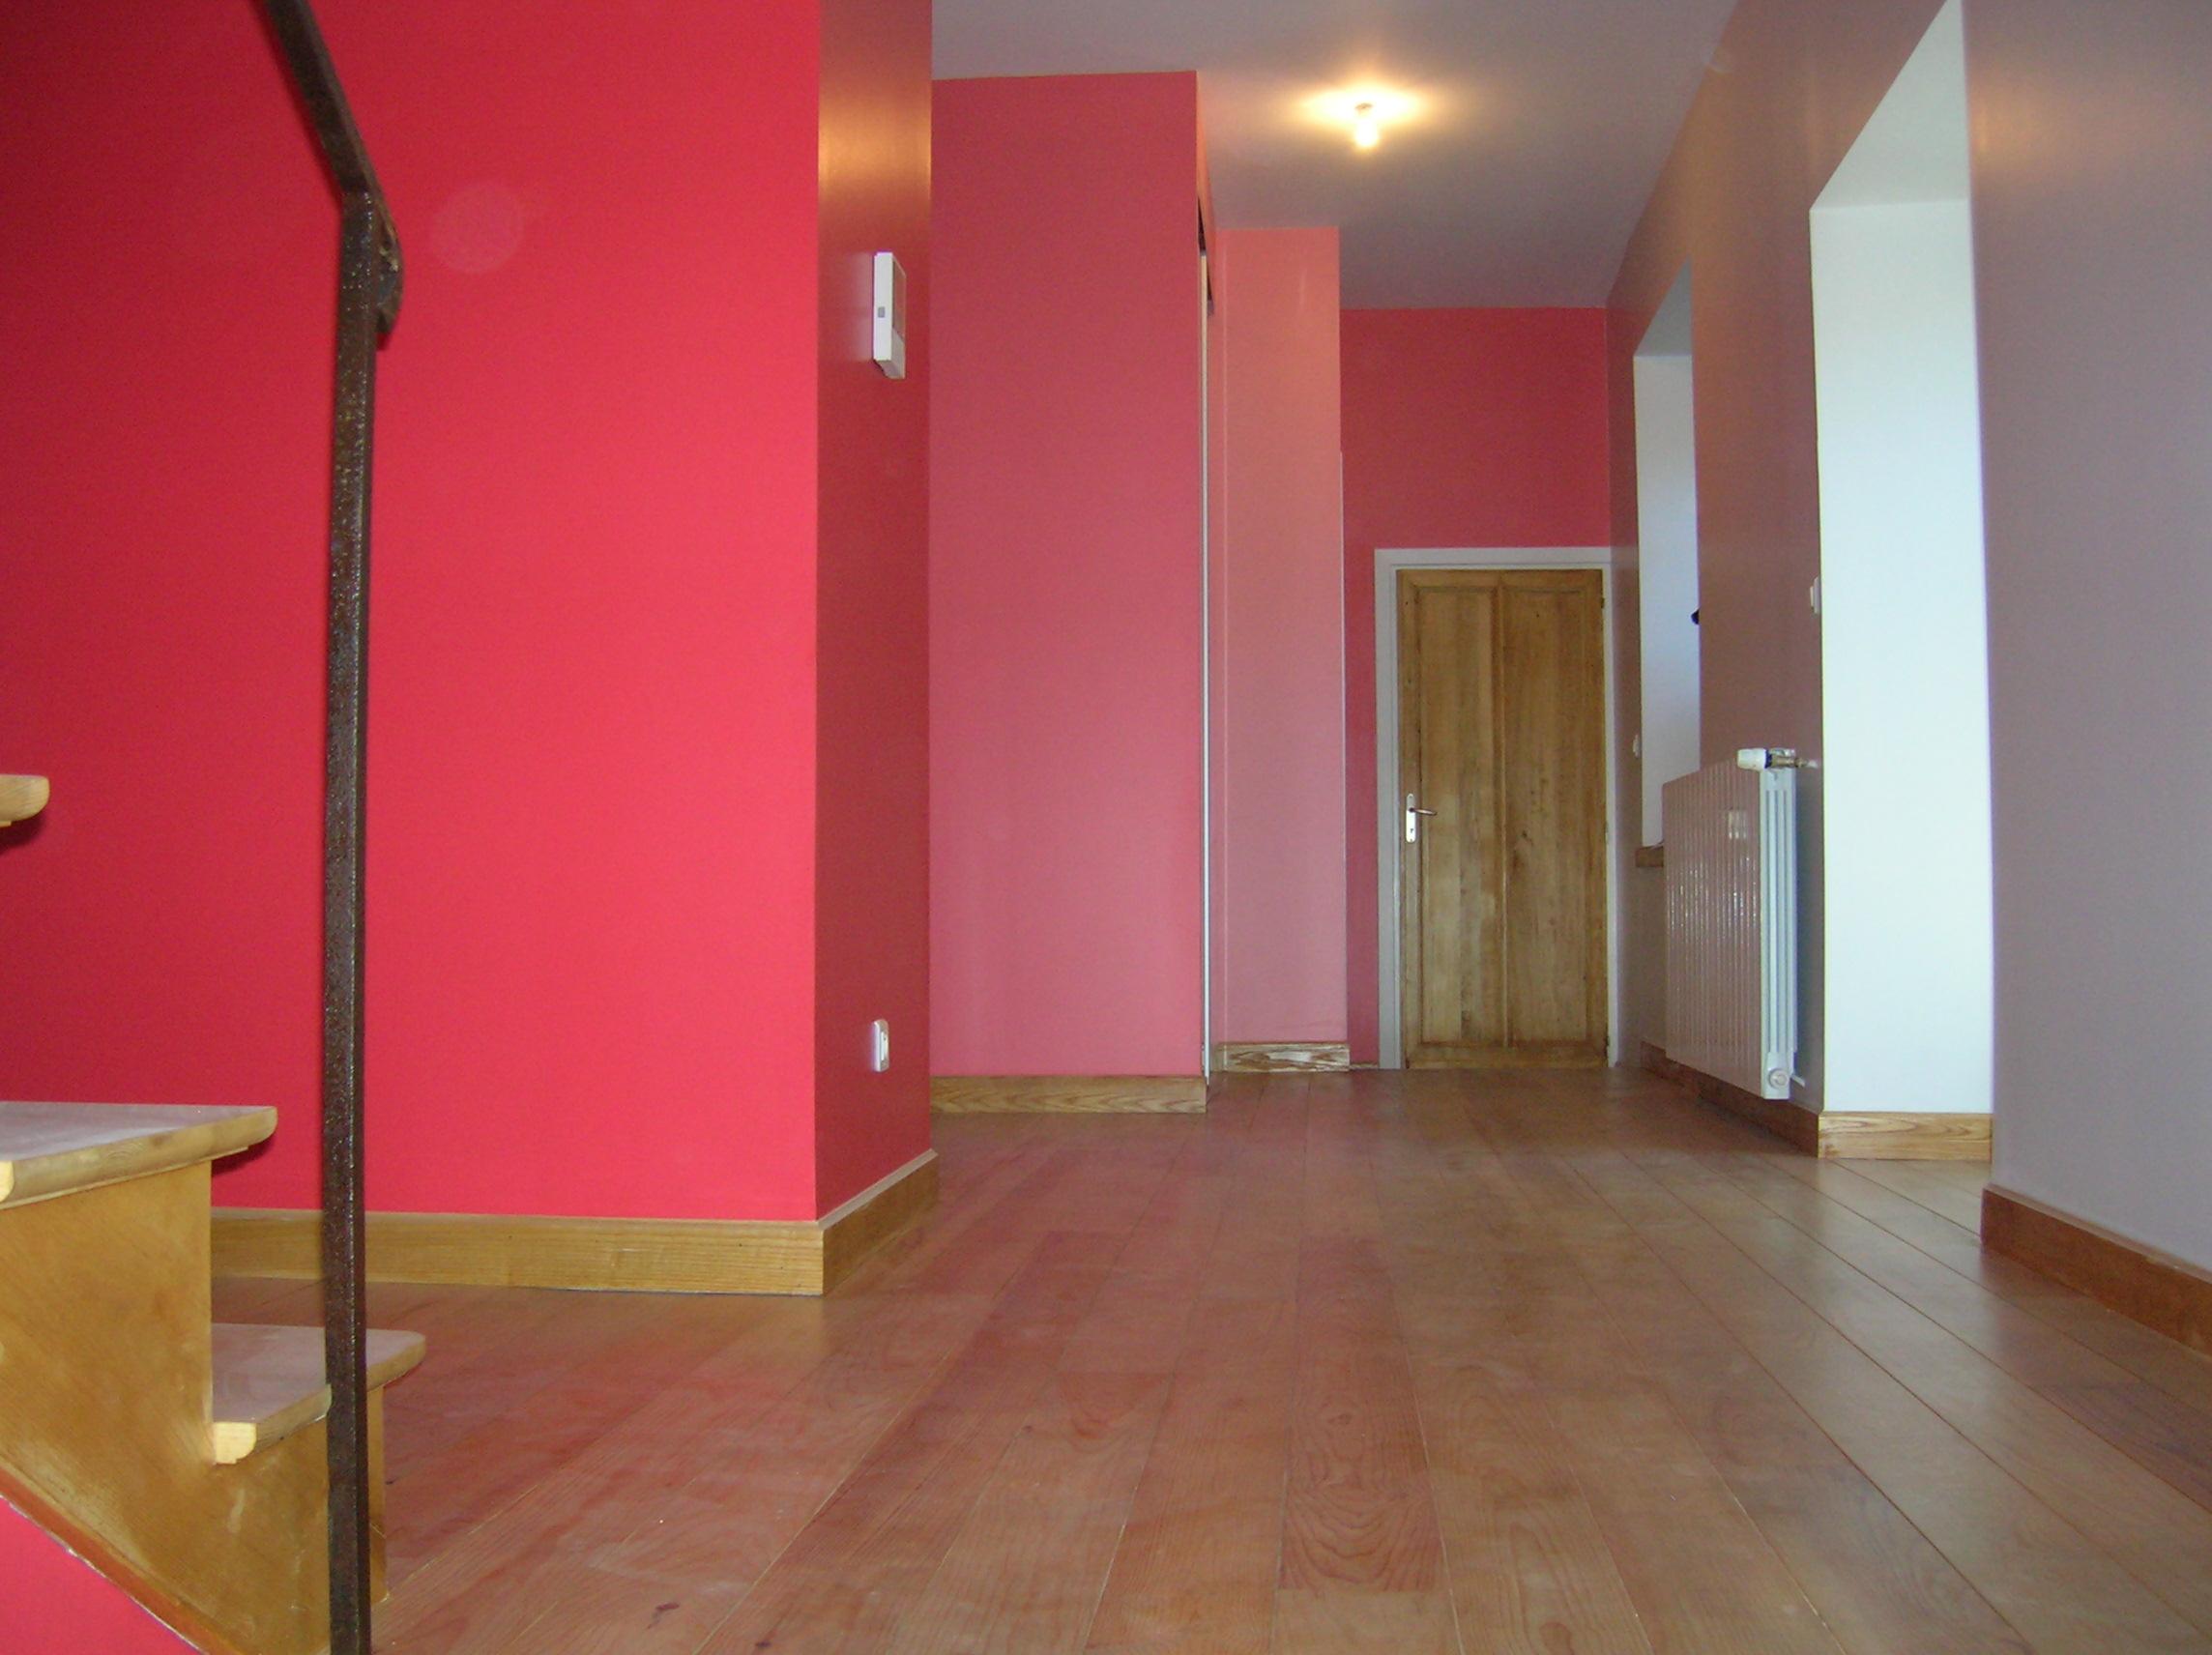 Peinture d coration amenagement interieur la sarl arc en - Deco maison peinture ...